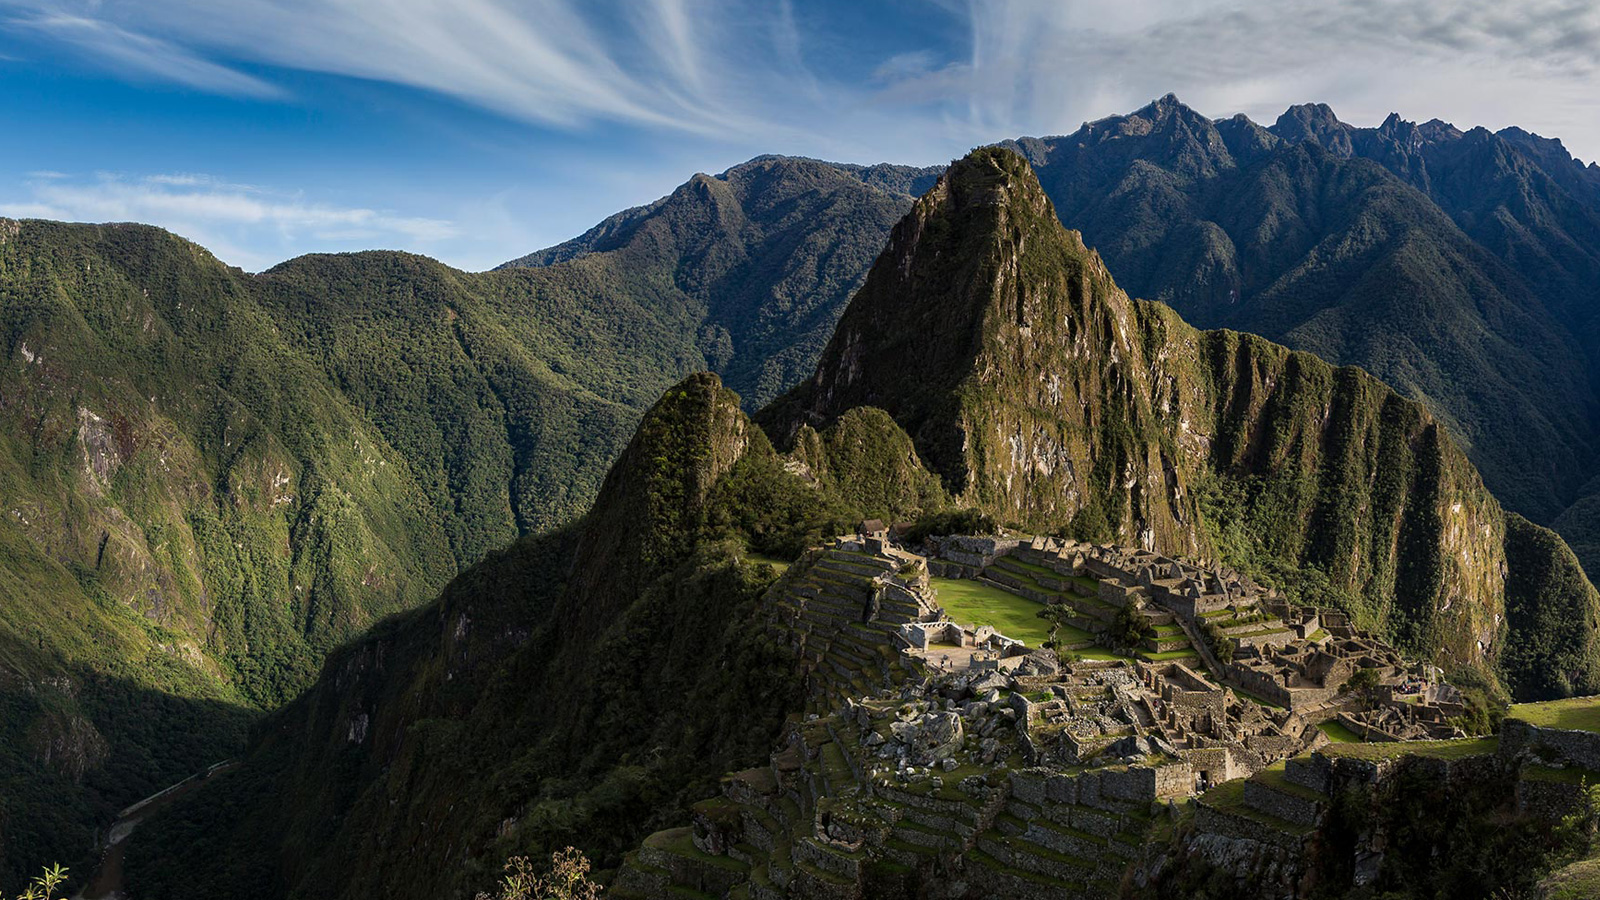 Peru Aktivreise Inka Trail in der Gruppe traveljunkies Gruppenreise